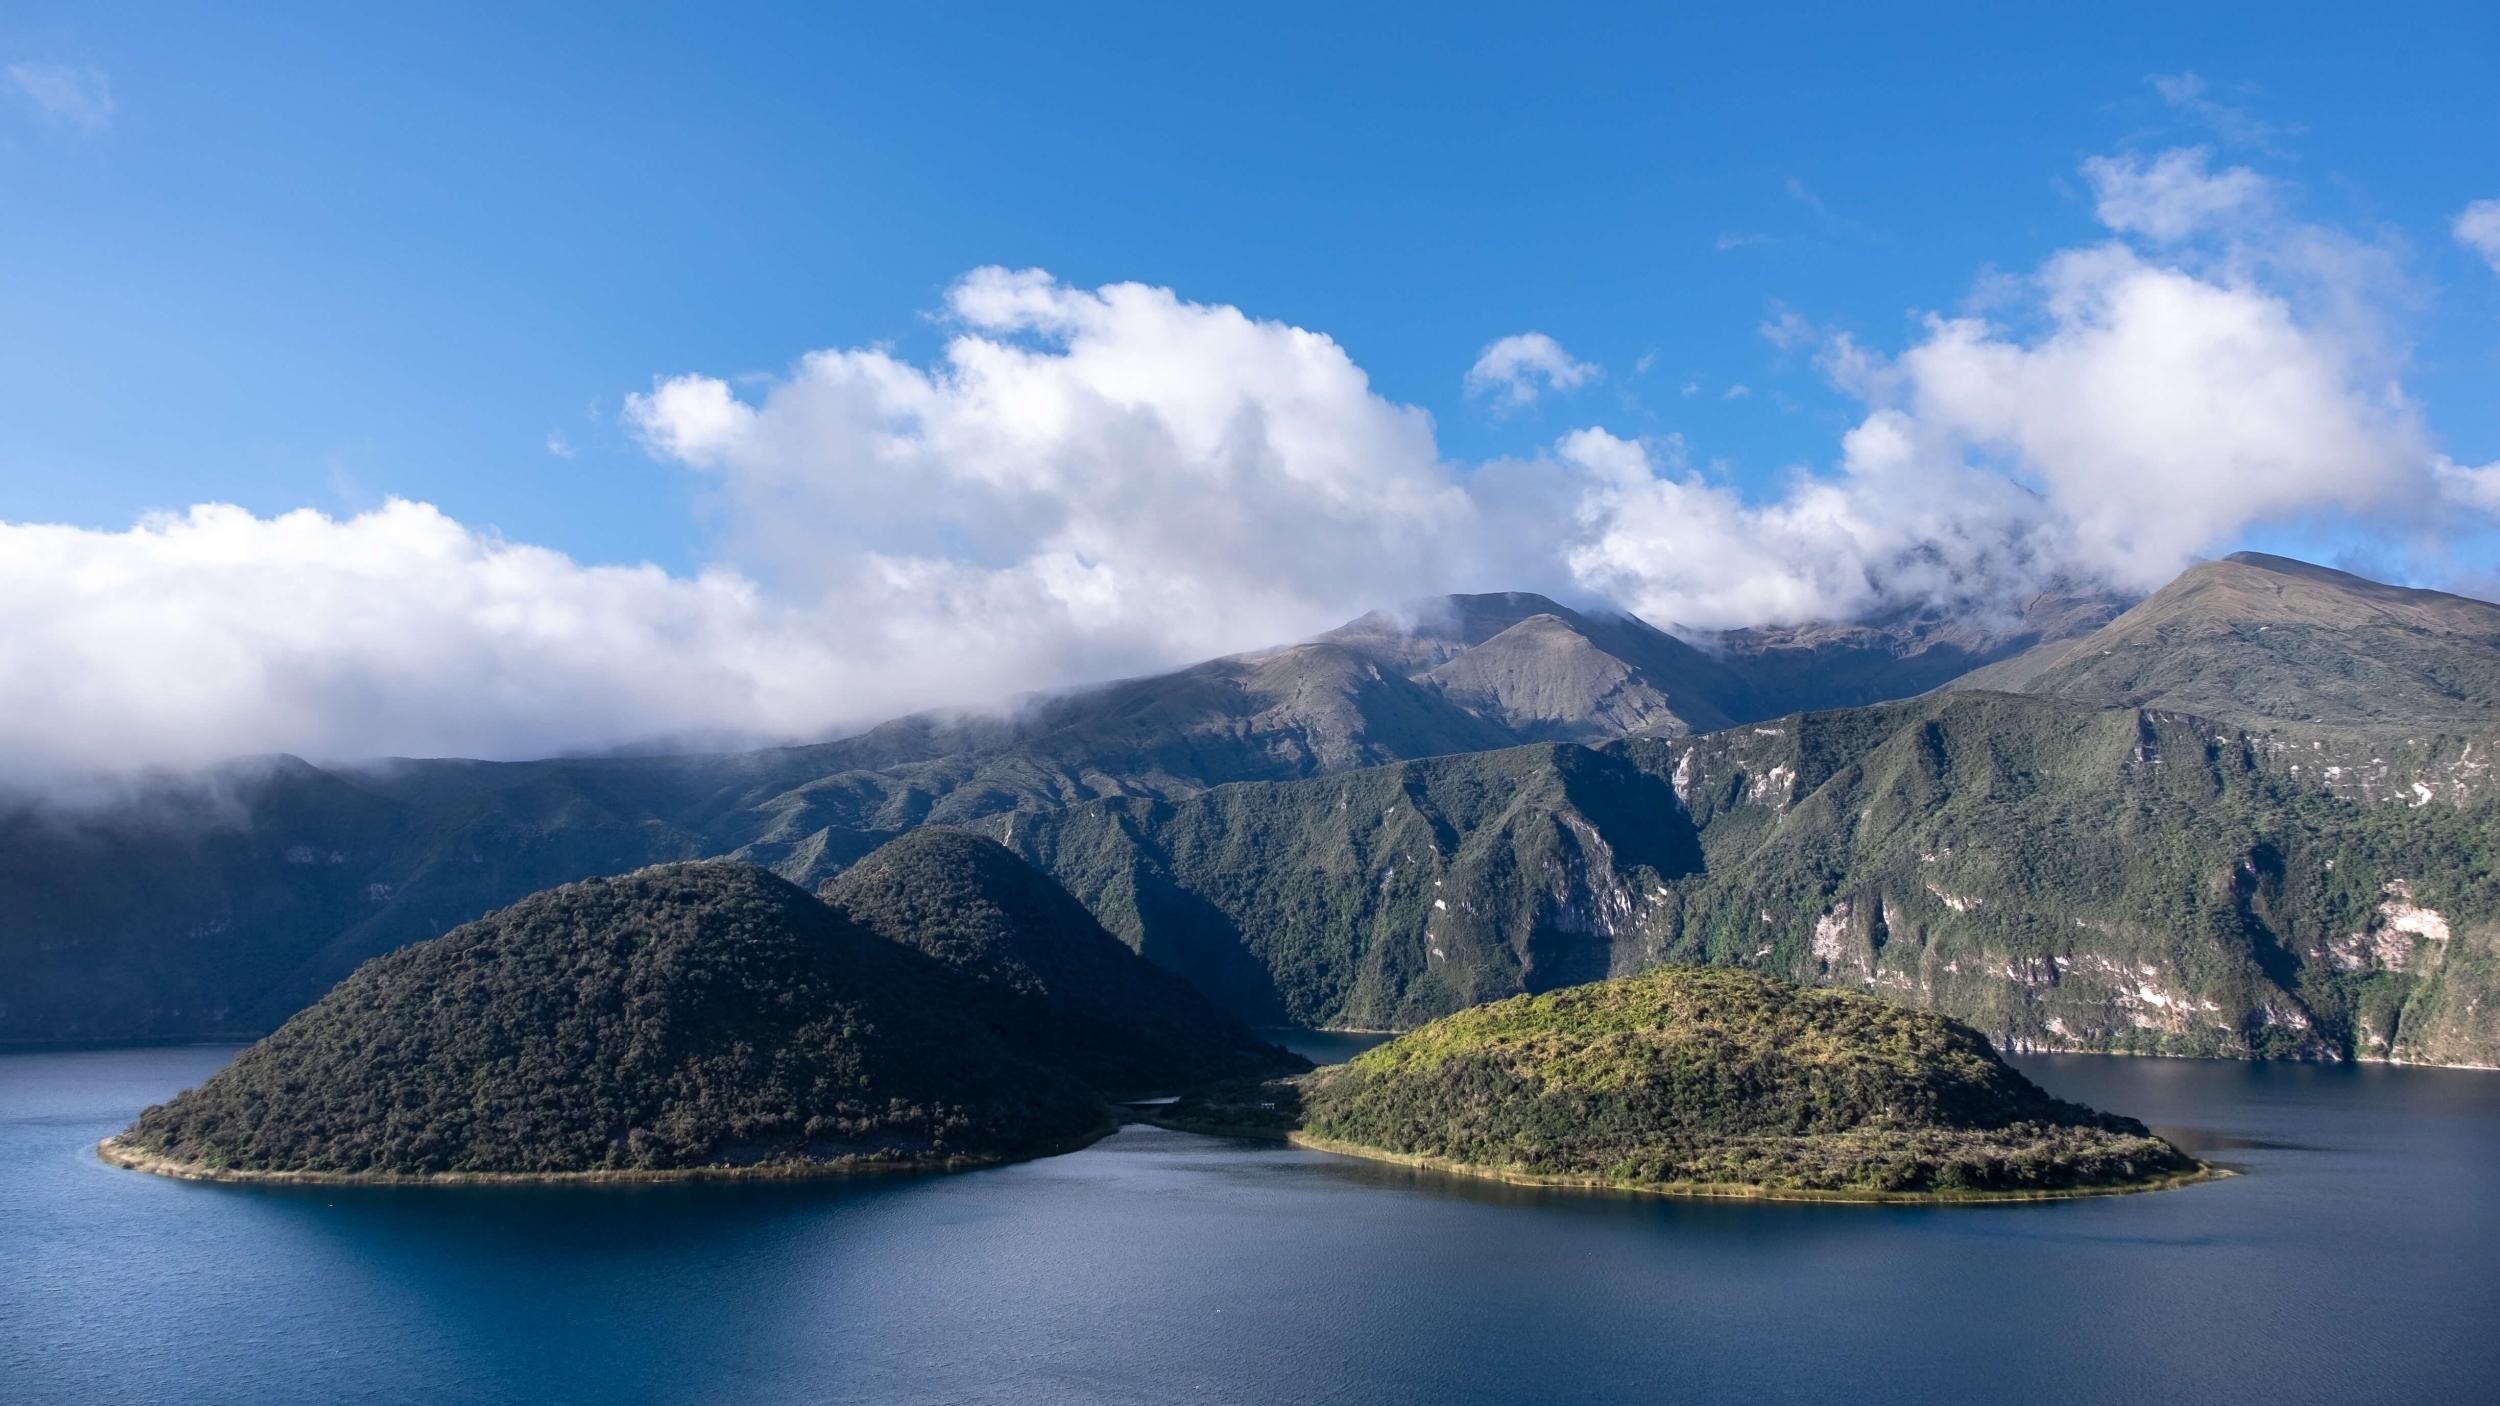 Cuicocha, lagune Cuicocha, Lomawasi, Otavalo, Marché Otavalo, Indigènes, Equateur, Quito, Blog de voyage, Blog de photographie, Voyage en Equateur